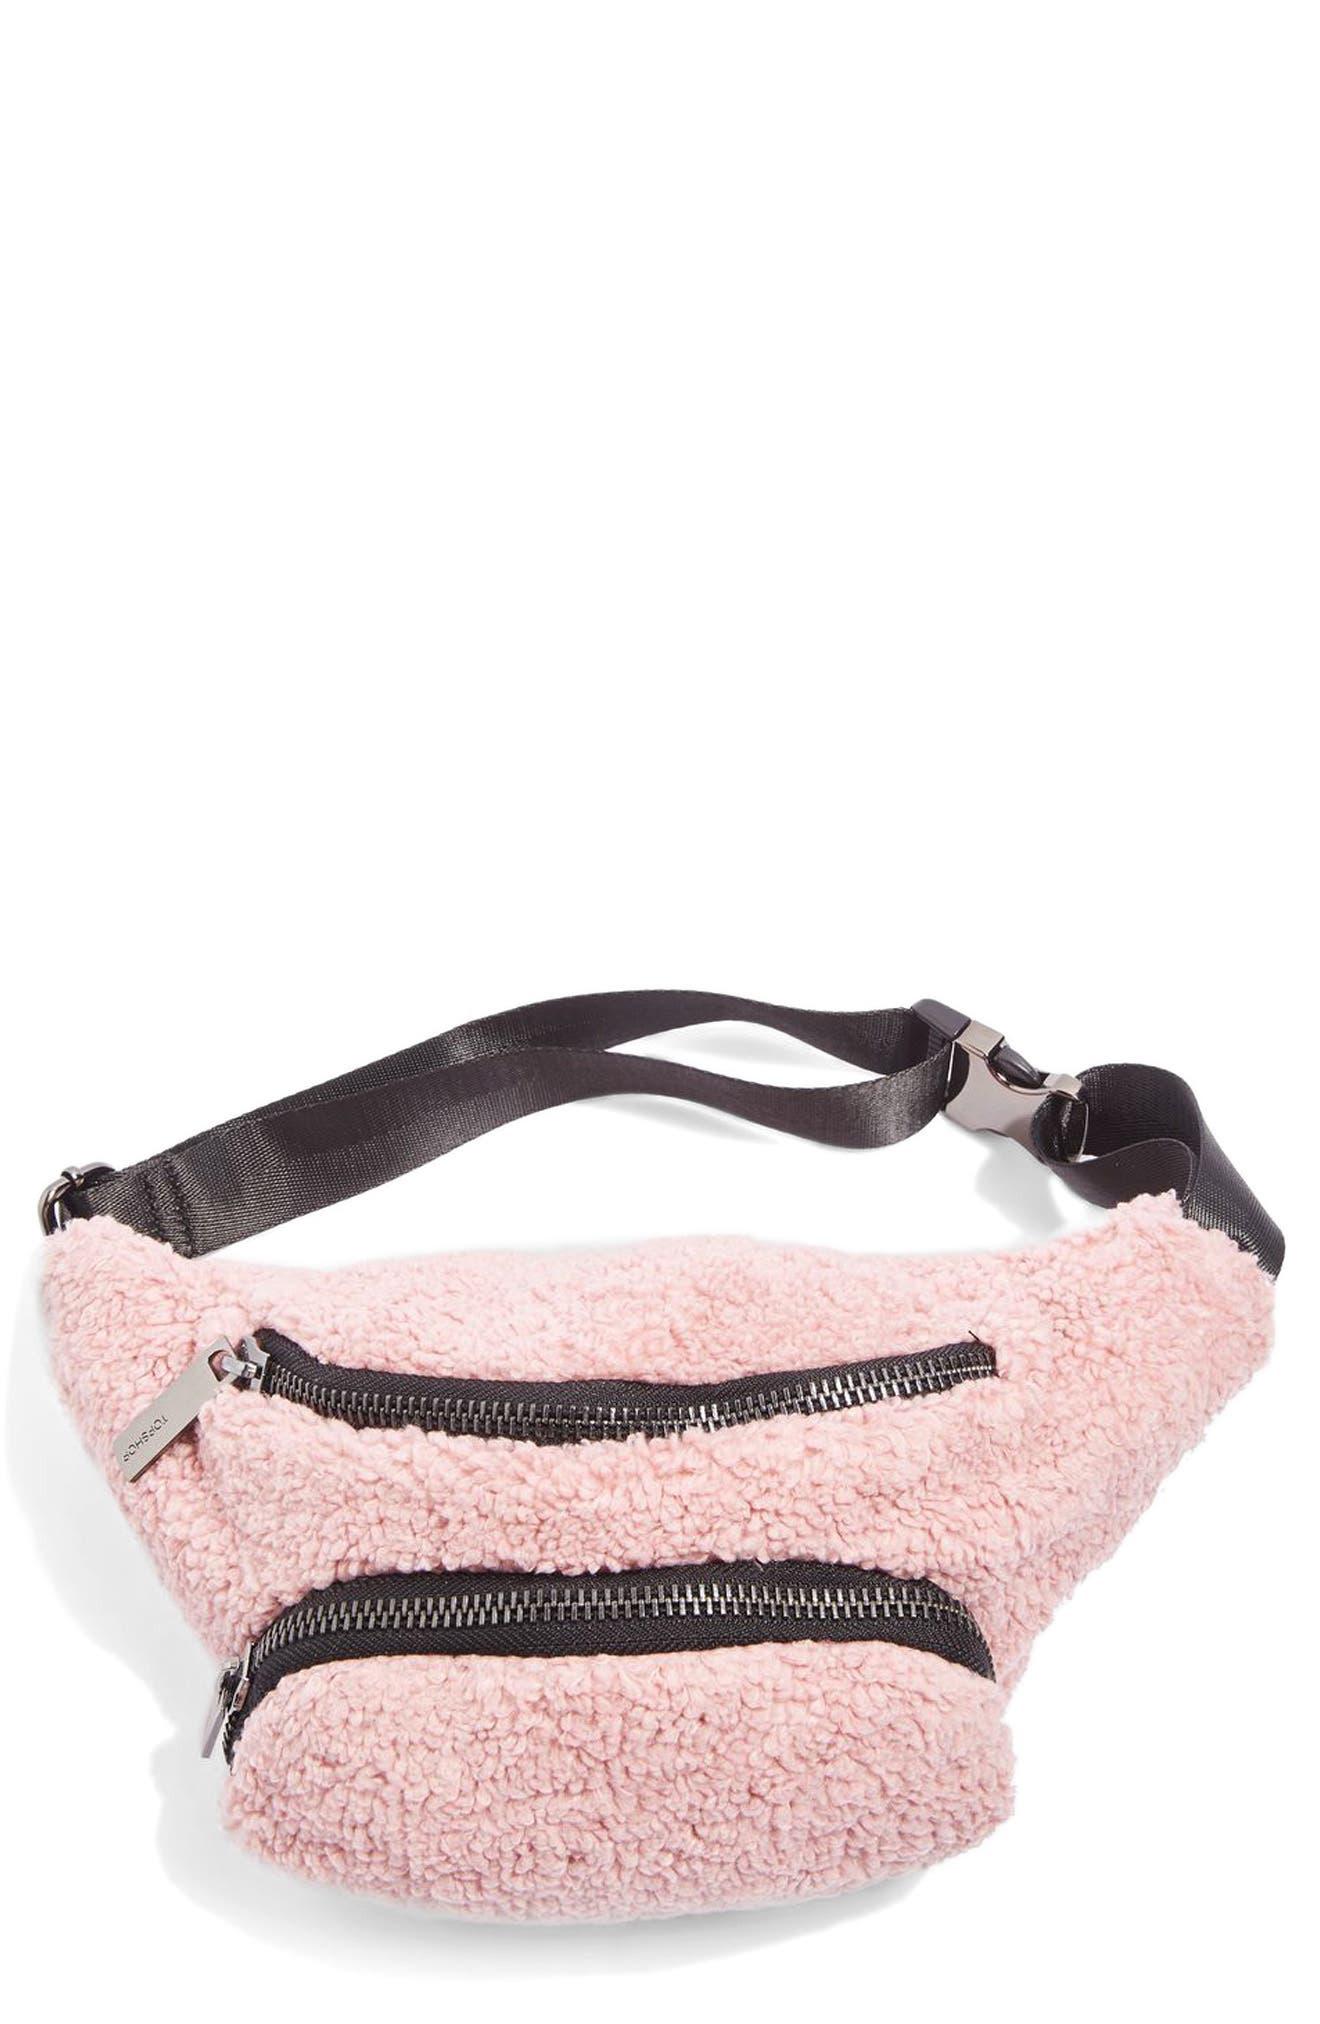 Topshop Benny Borg Belt Bag